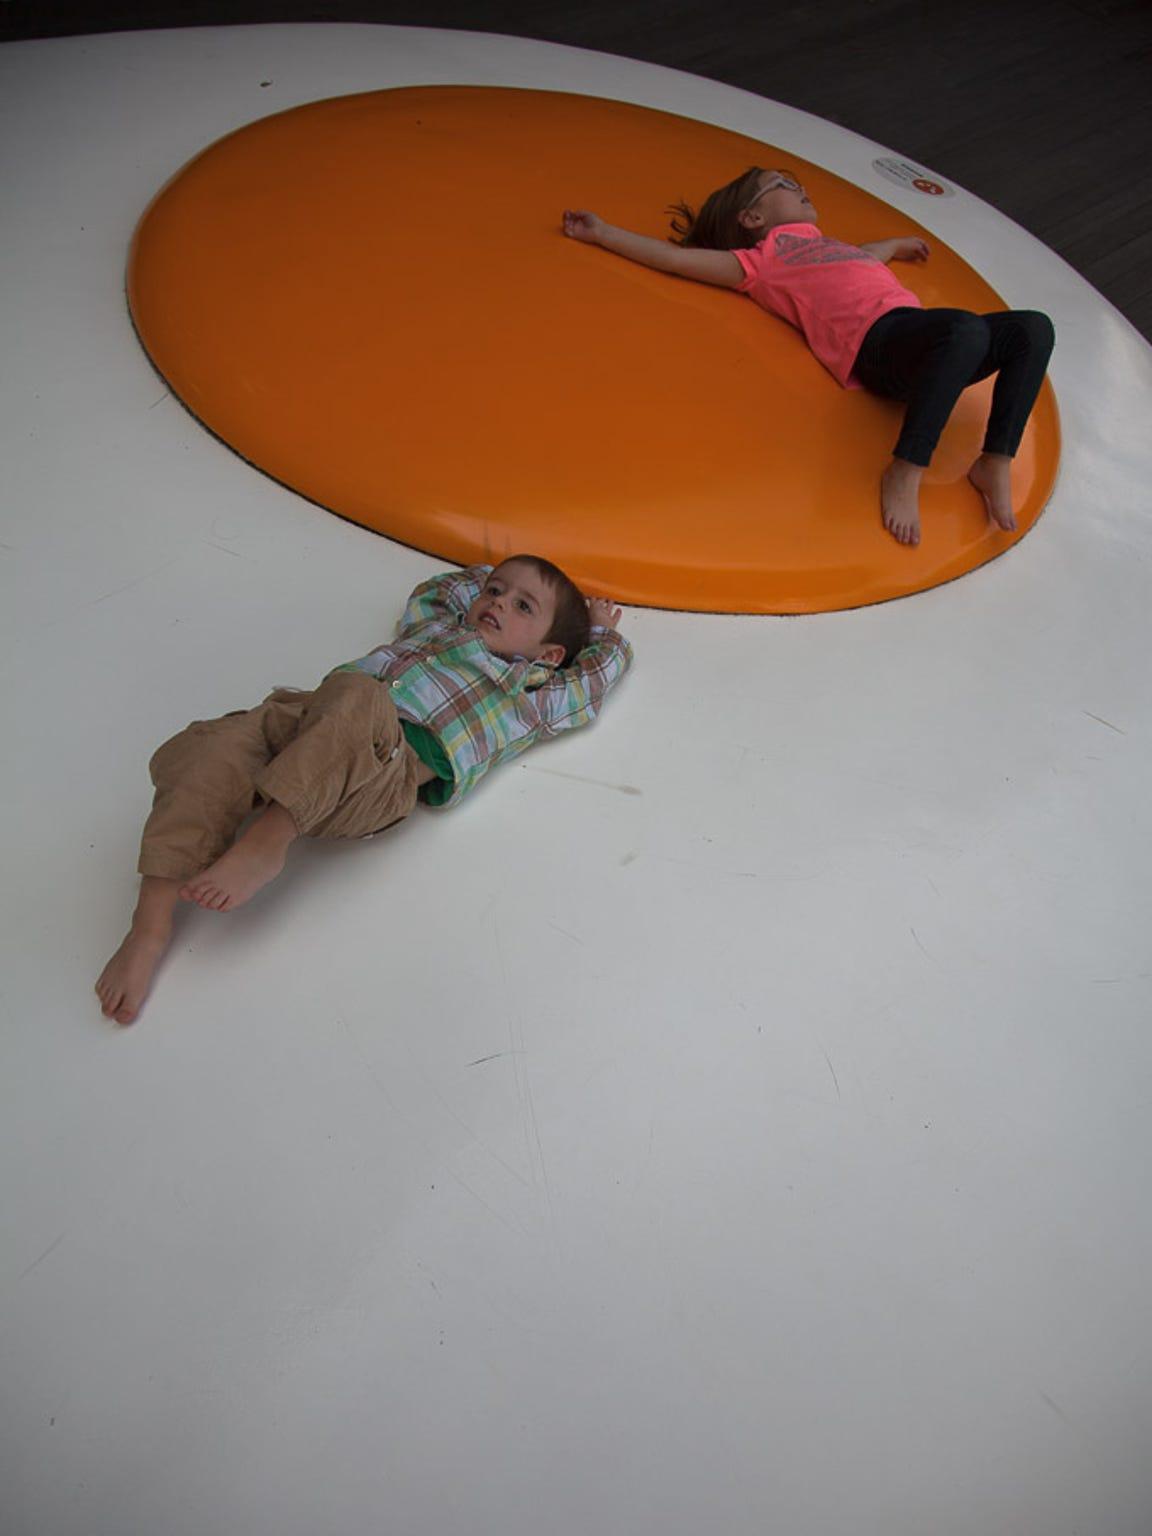 Harper and Walker Hughey relax on an egg sculpture